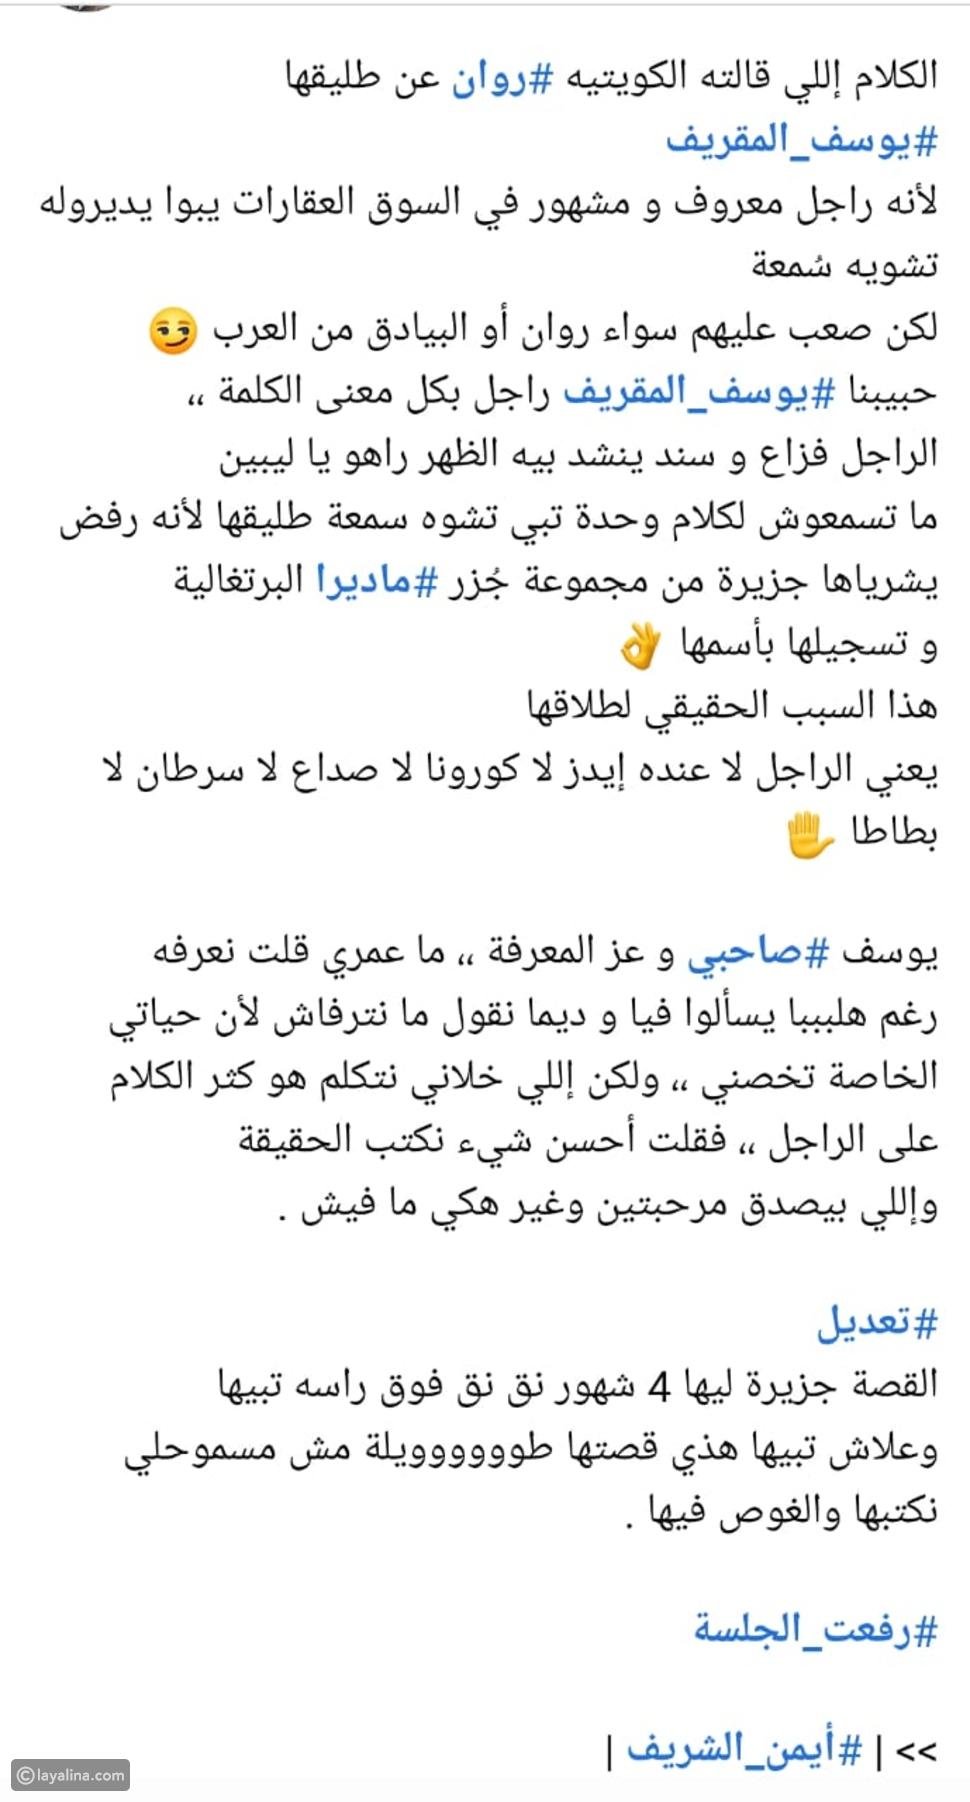 محامي زوج روان بن حسين يكشف بالتفاصيل أن موكله هو من رفع دعوى الطلاق